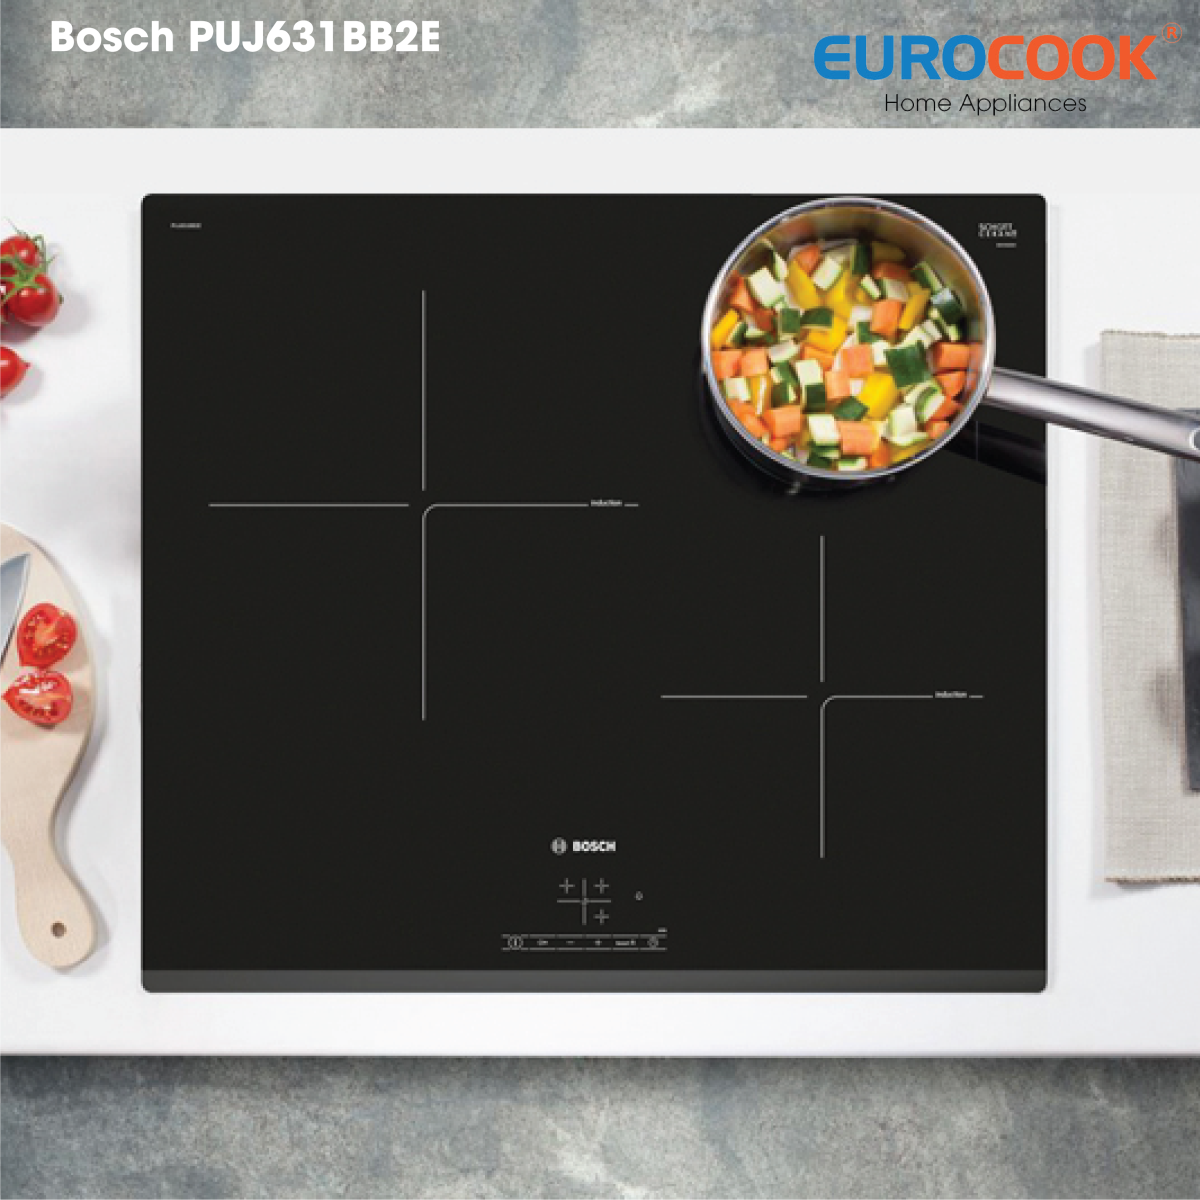 PUJ631BB2E - Bếp điện từ Bosch sở hữu thiết kế đẹp